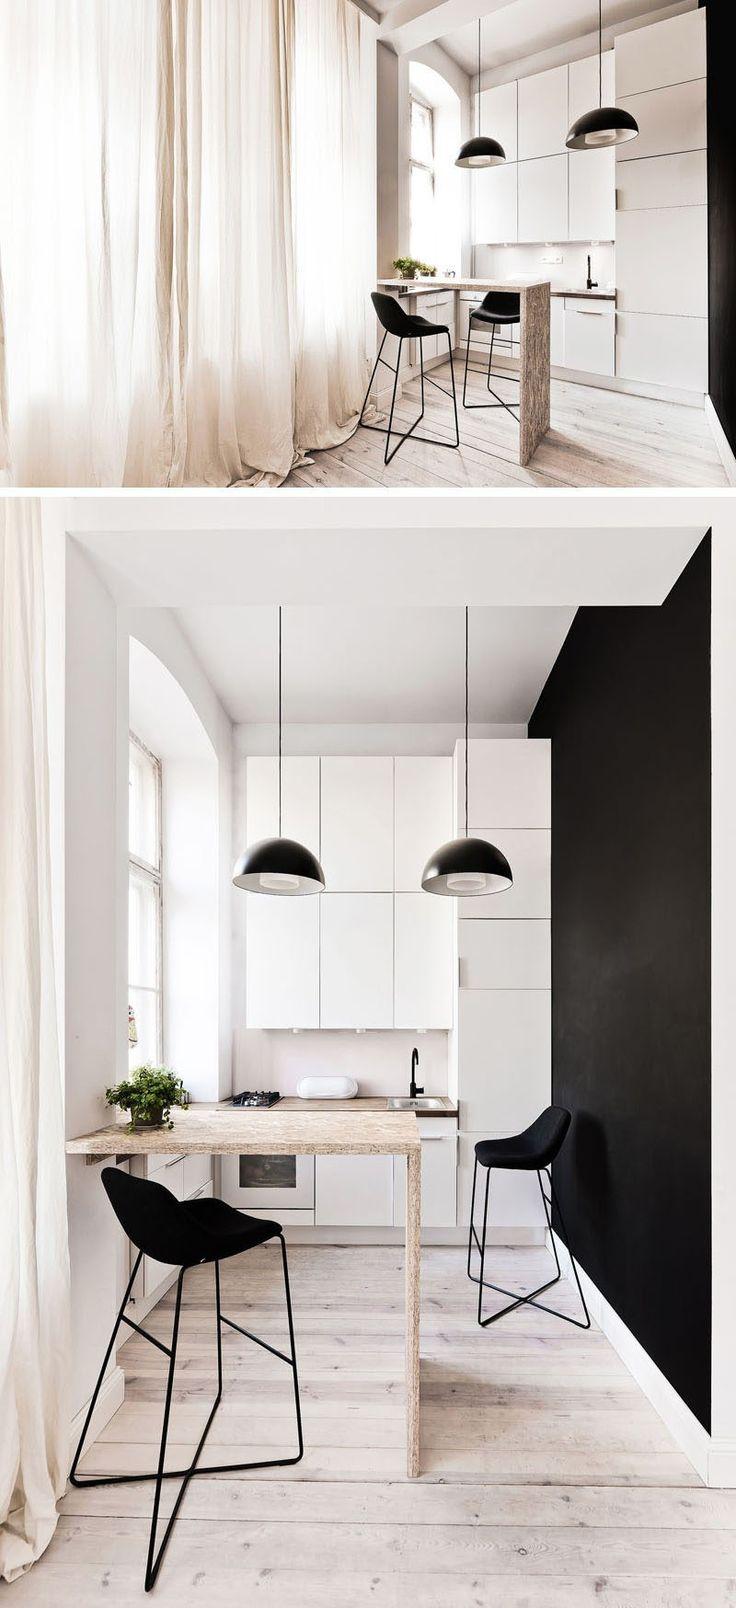 Küche Design-Ideen 14 Küchen, die das Beste aus einem kleinen Raum machen / / auch wenn dieses komplette Appartement nur 312 Quadratfuß, die winzige Küche noch verwaltet alle das wesentliche enthalten und beinhaltet jede Menge Stauraum und eine kleine Ar-Bereich zu essen.